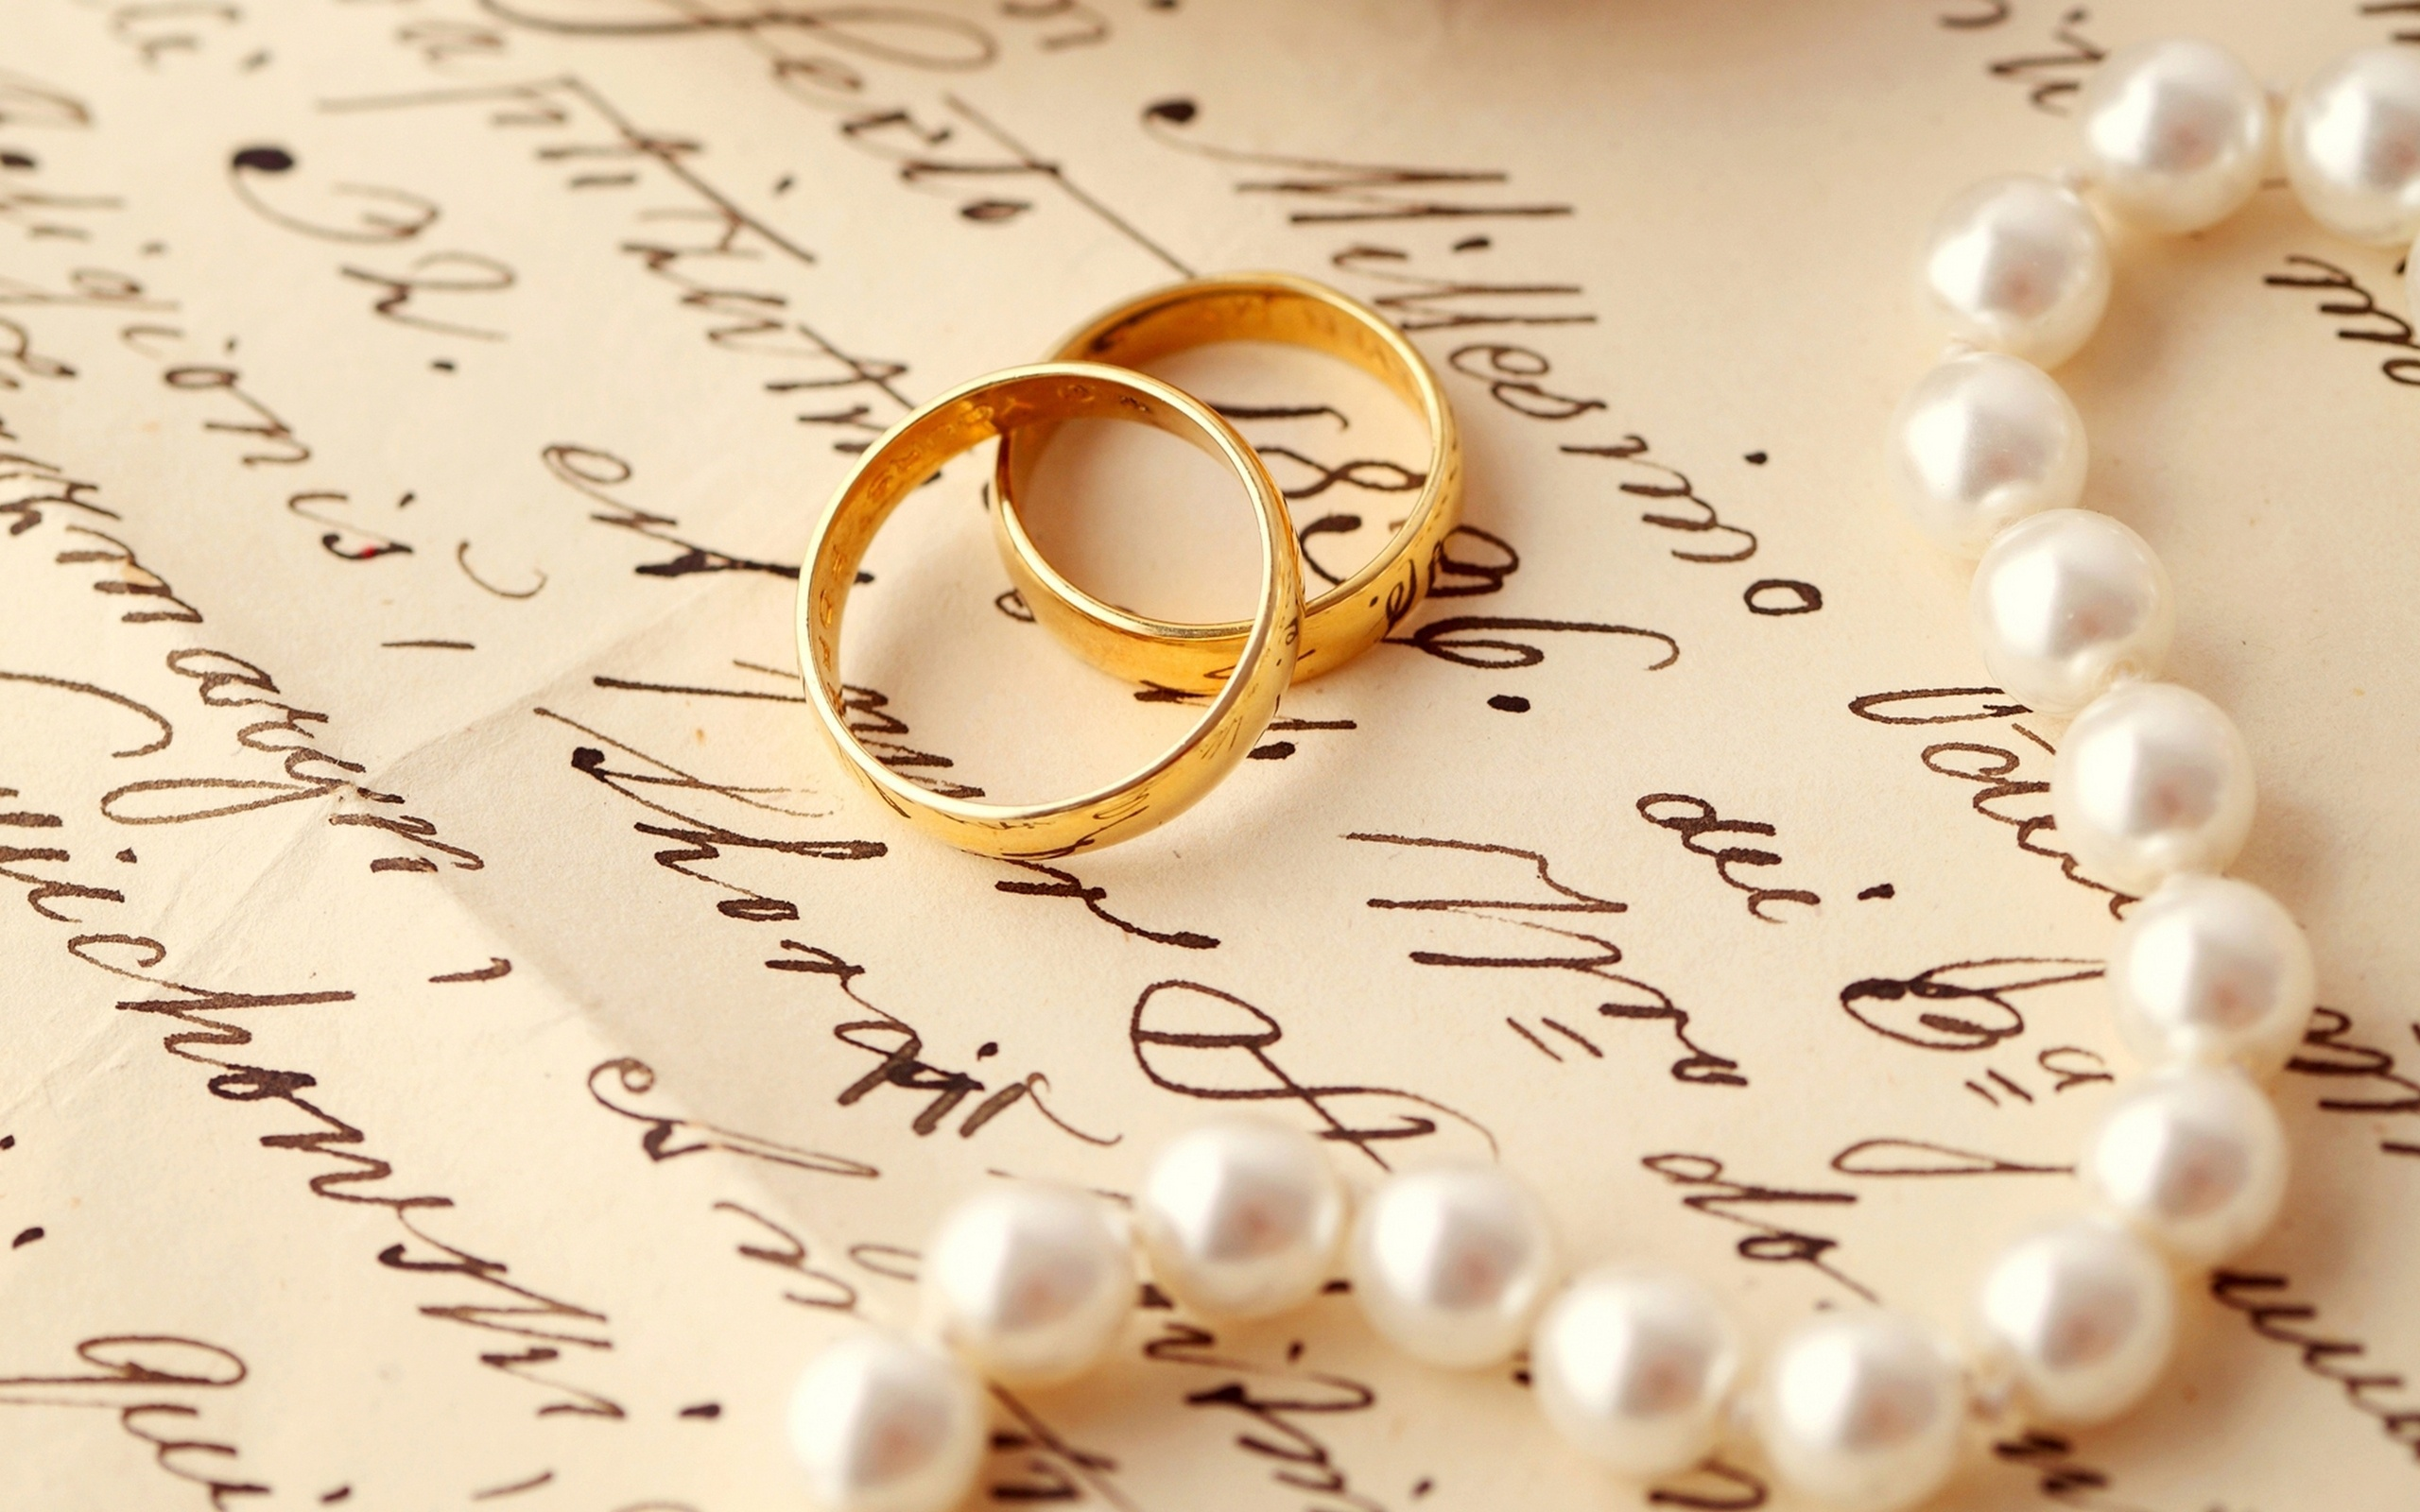 بالصور صور مكتوب عليها عيد زواج , بطاقات للتهنئة بالزواج 986 2